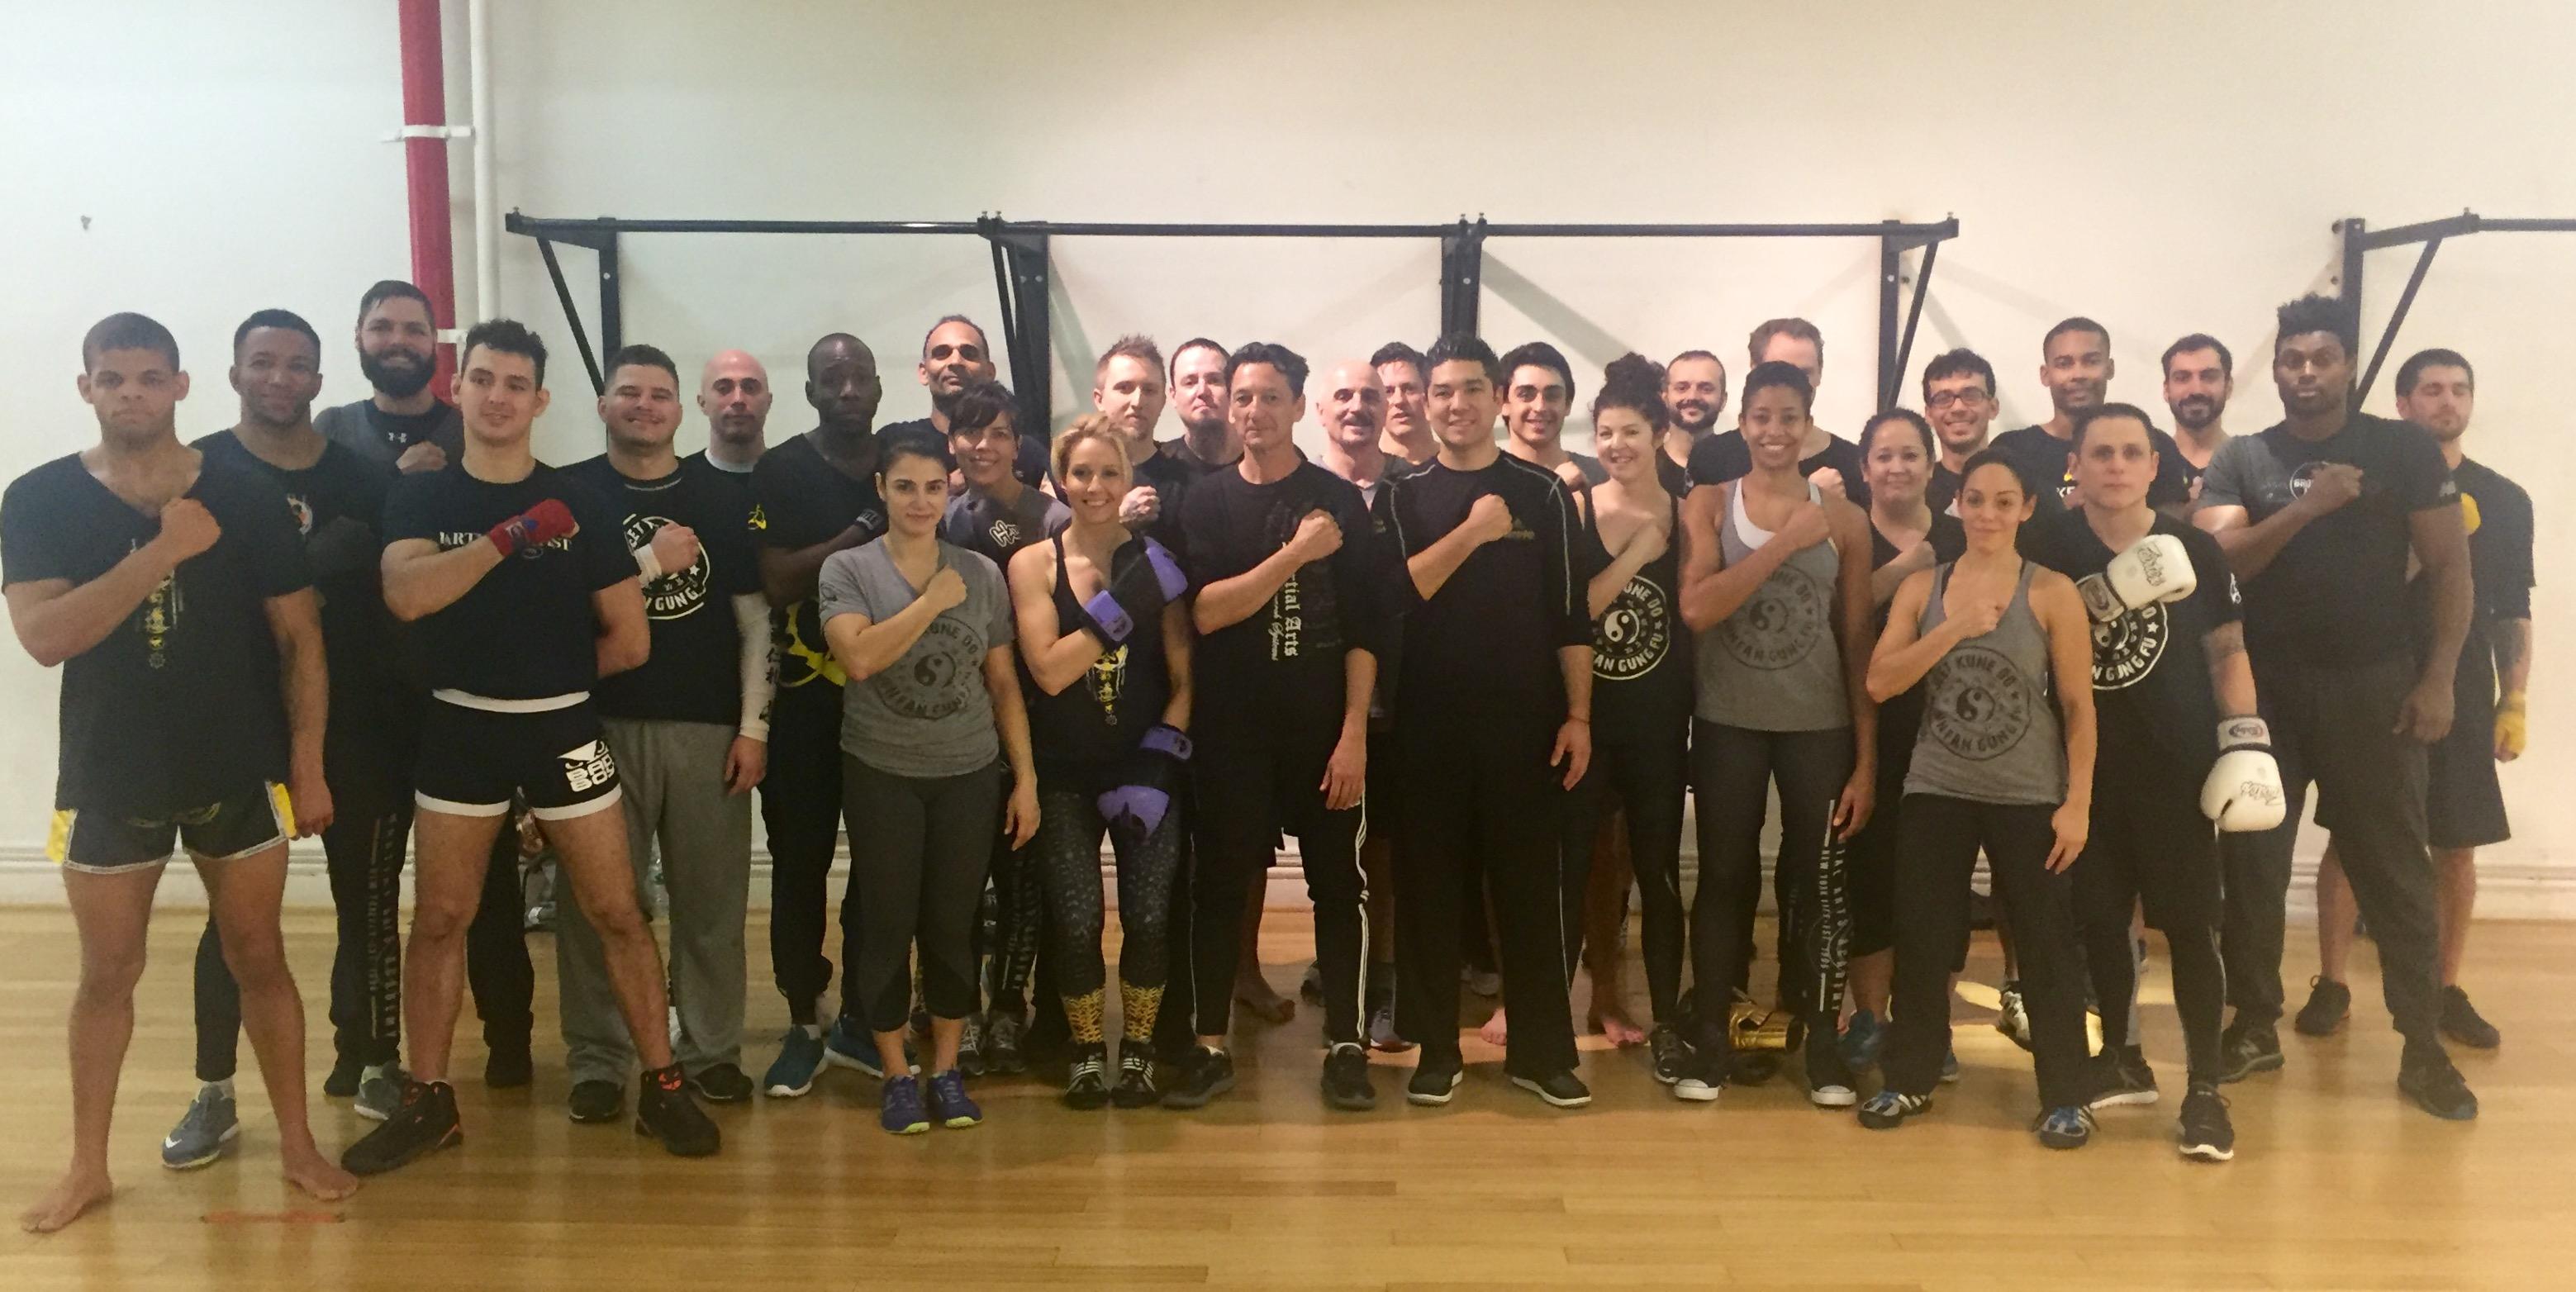 Andersons Martial Arts NYC Savate (French Kickboxing) Seminar Recap